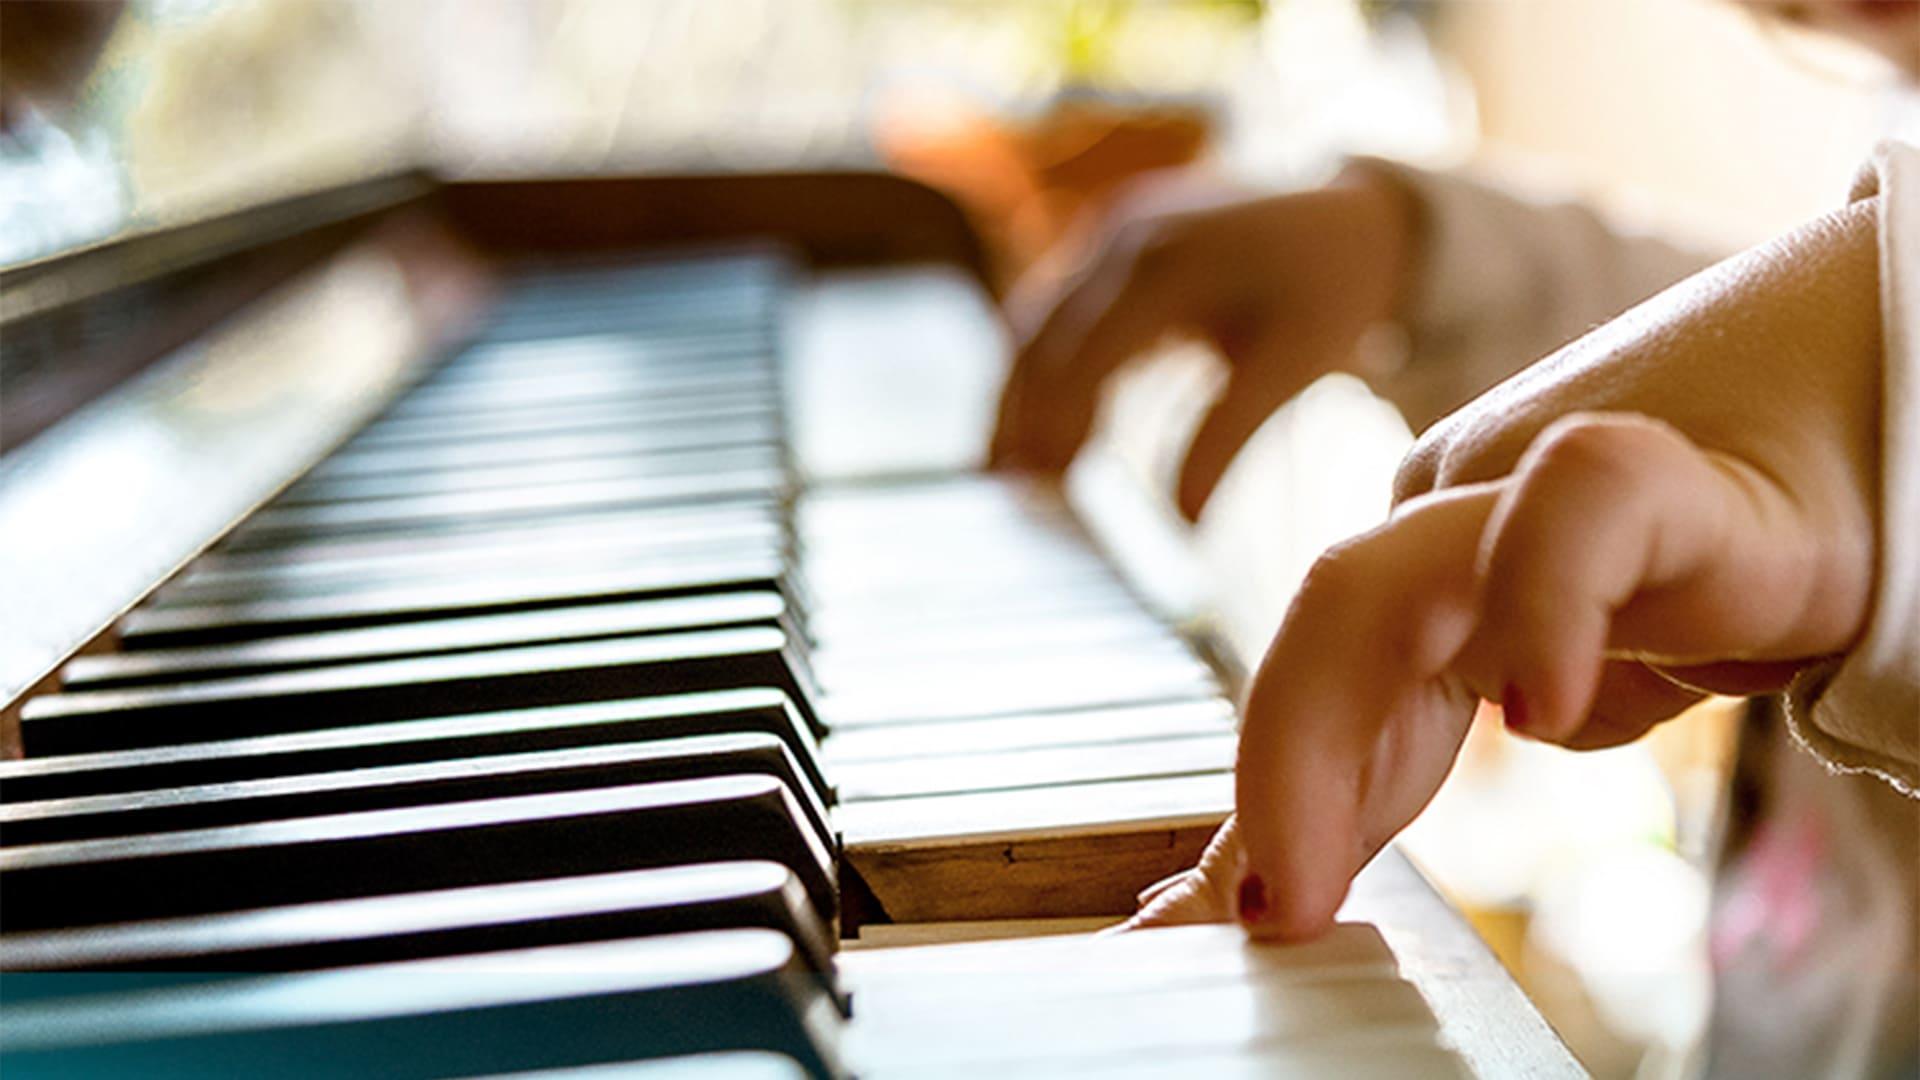 estimulación musical y piano en casa